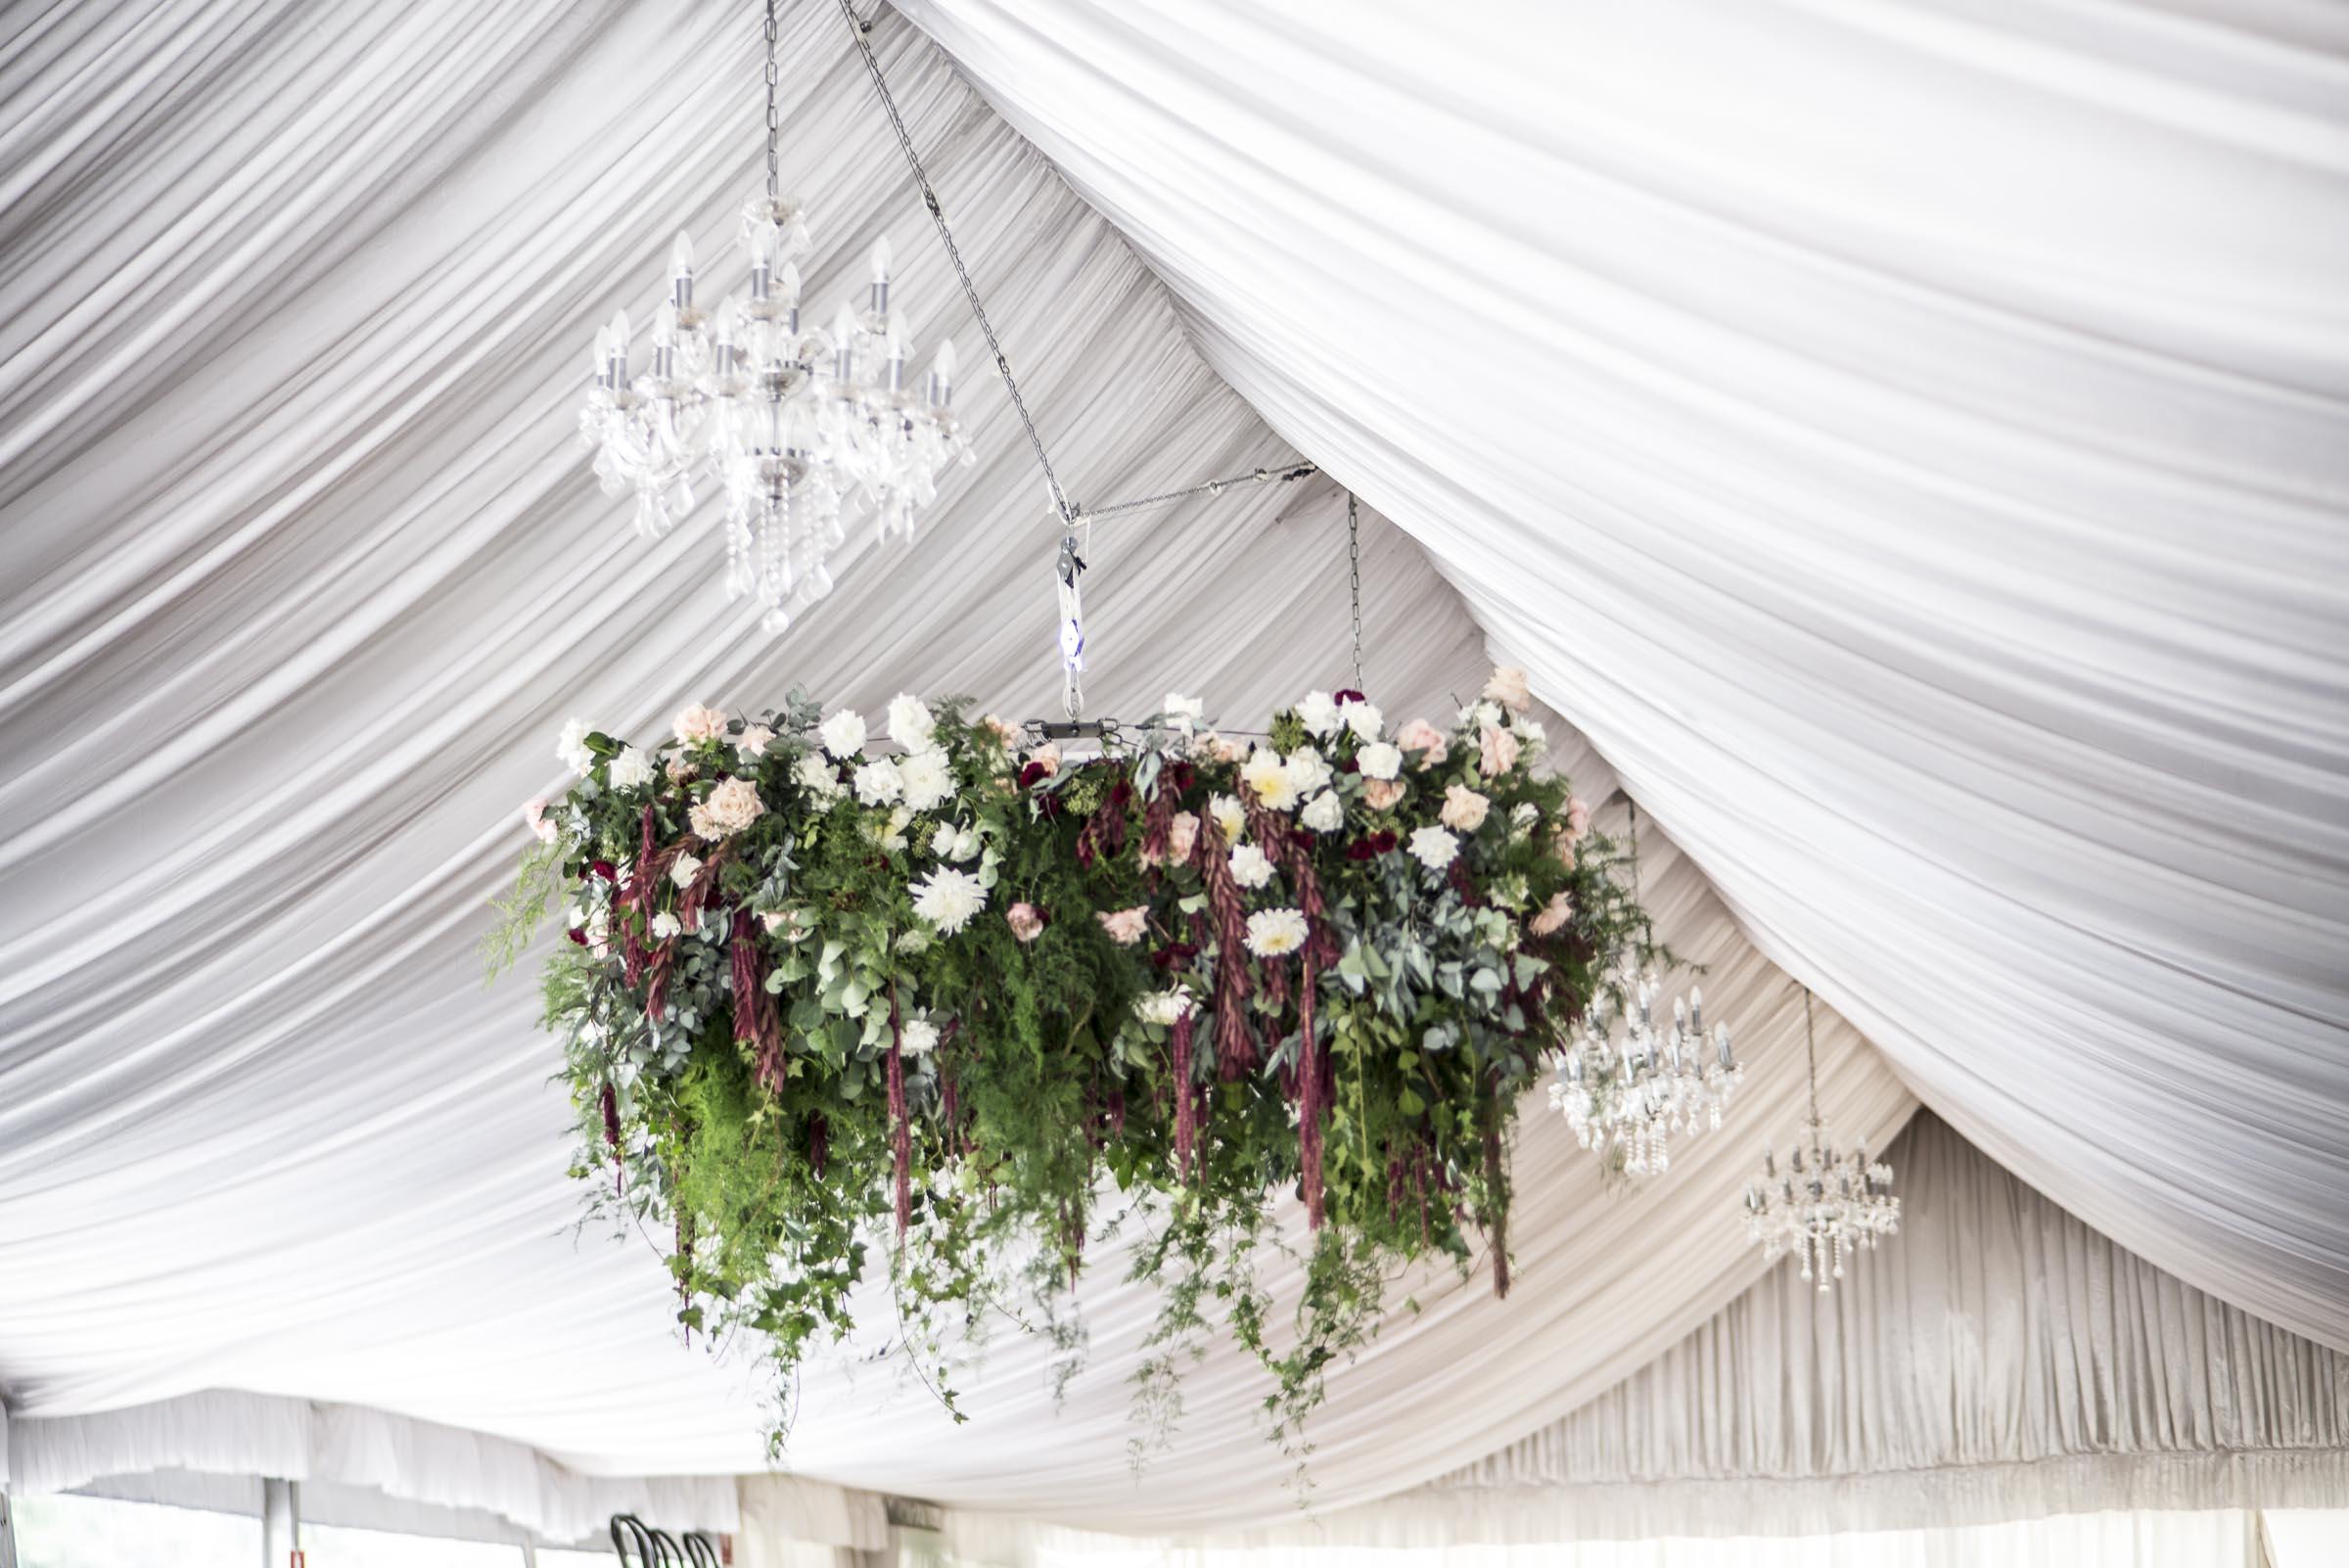 Hanging flowers in maroon & pinks